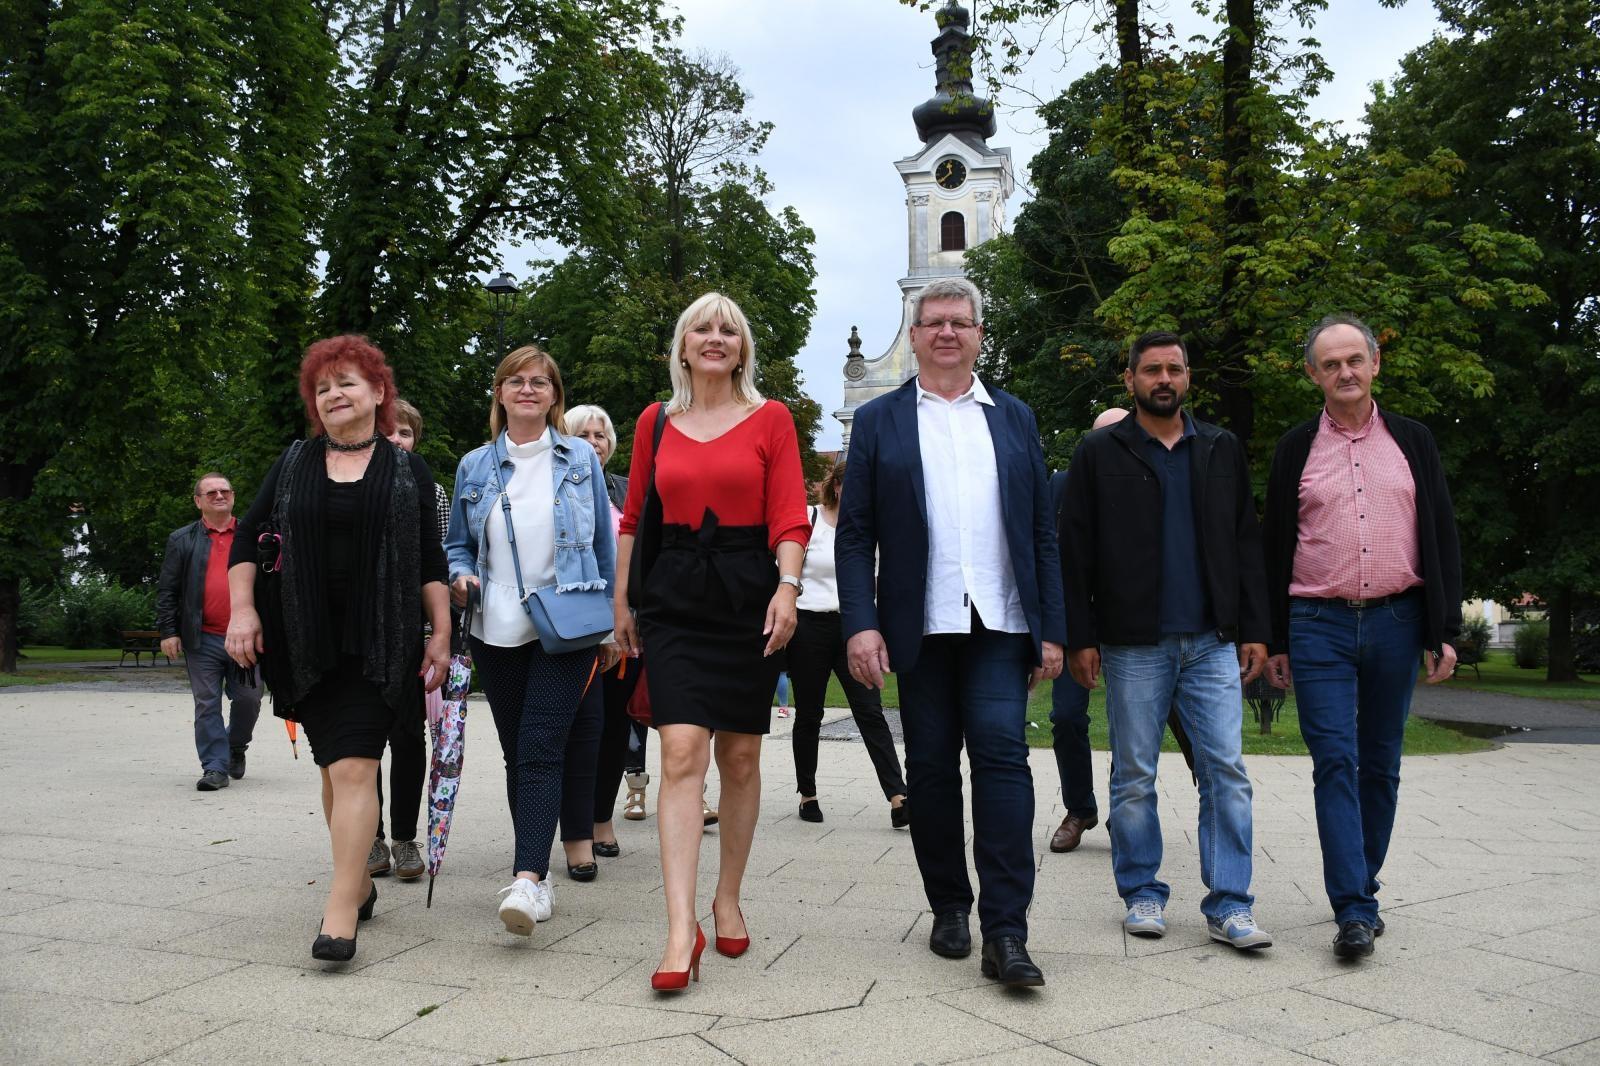 1 / 1 – Bojana Hribljan, potpredsjednica Demokrata i Mirando Mrsic, predsjednik Demokrata zajedno s članicama i članovima u šetnji Bjelovarom, photo: Damir Spehar - PIXSELL